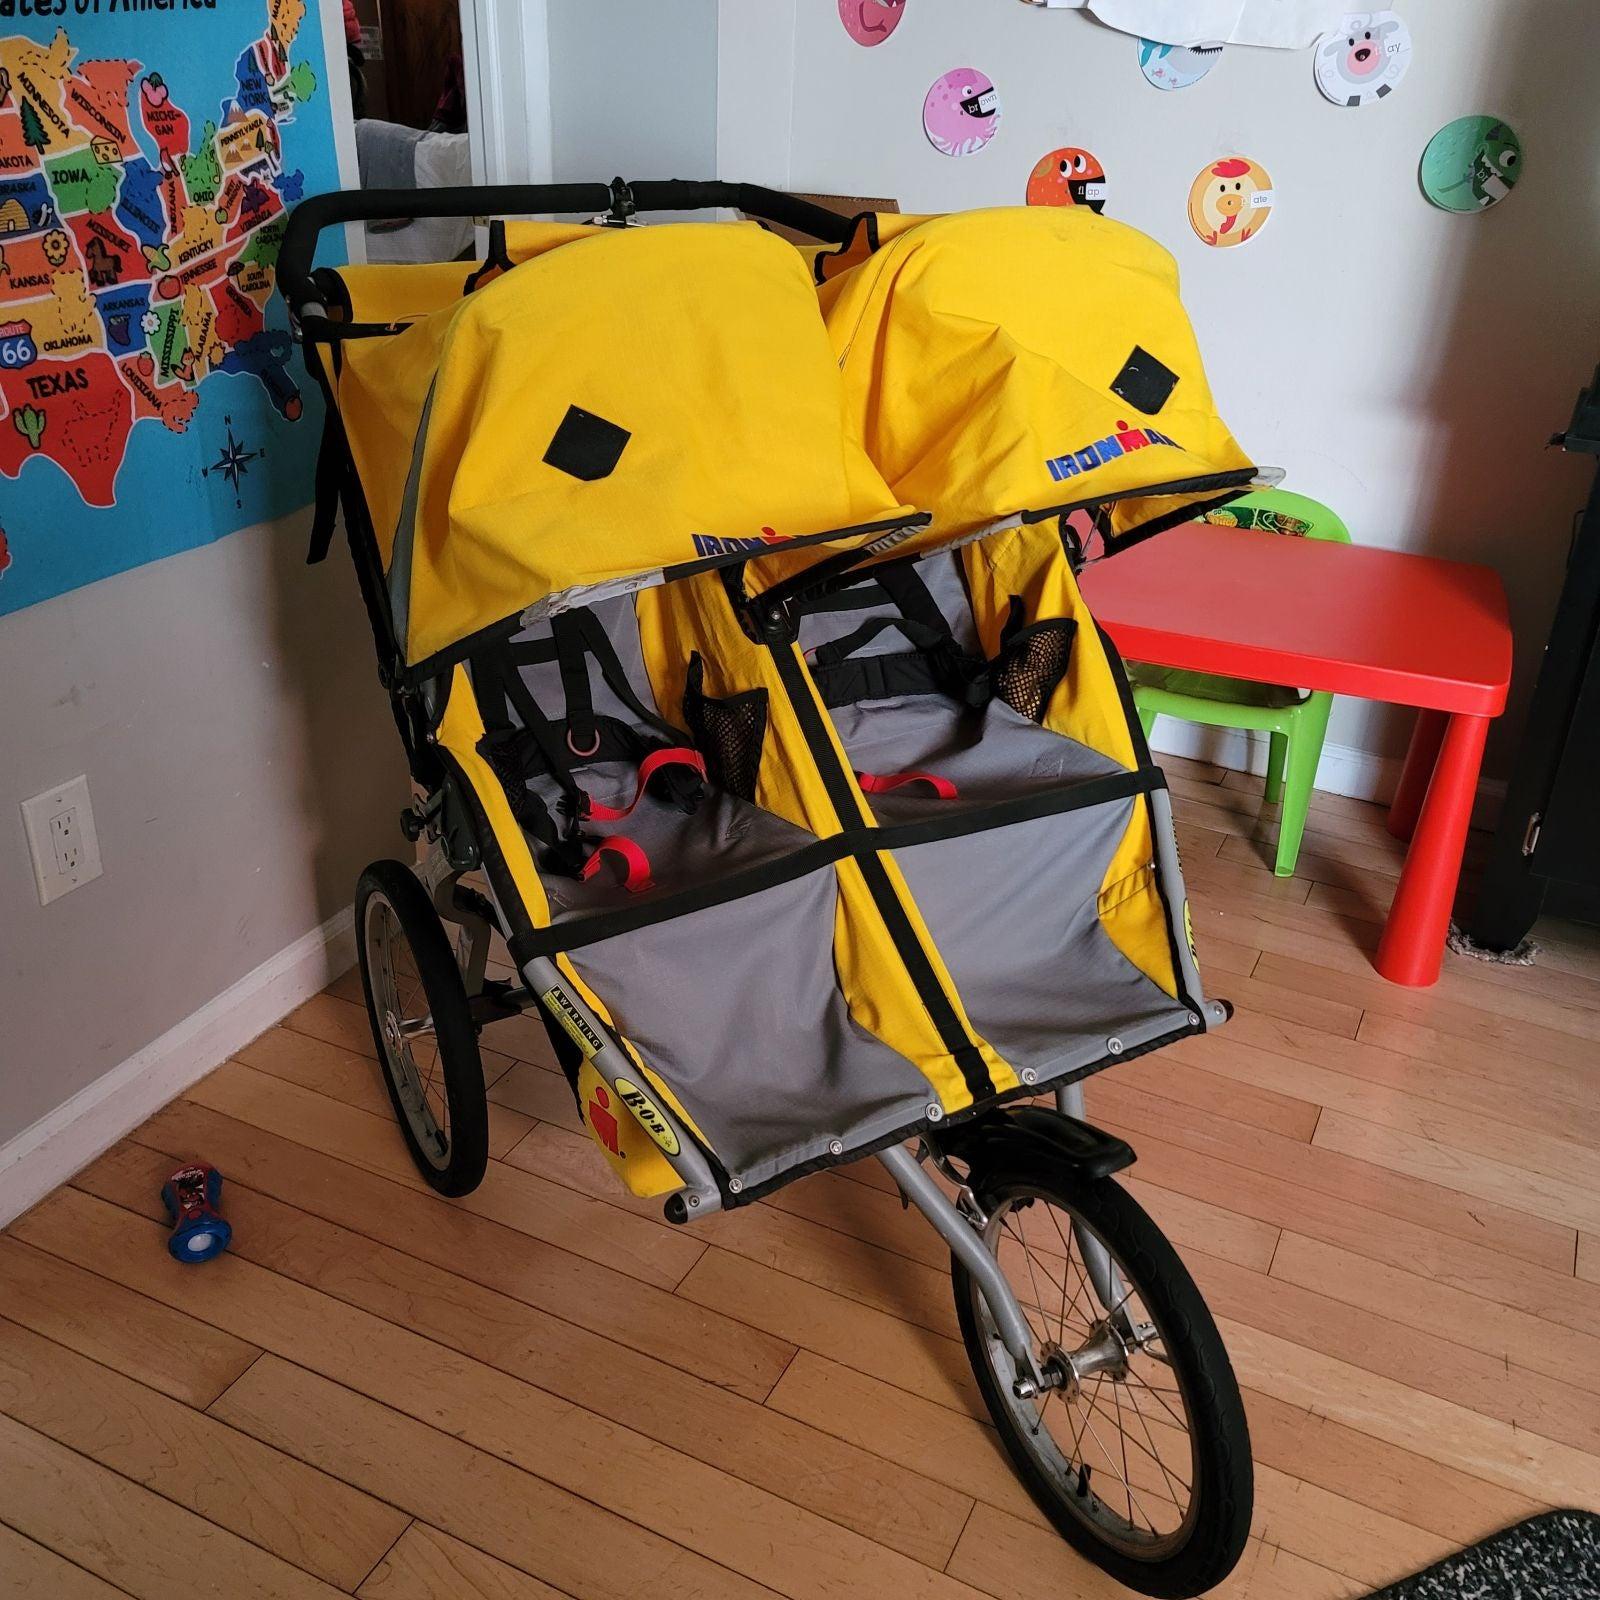 Bob Iron man double stroller